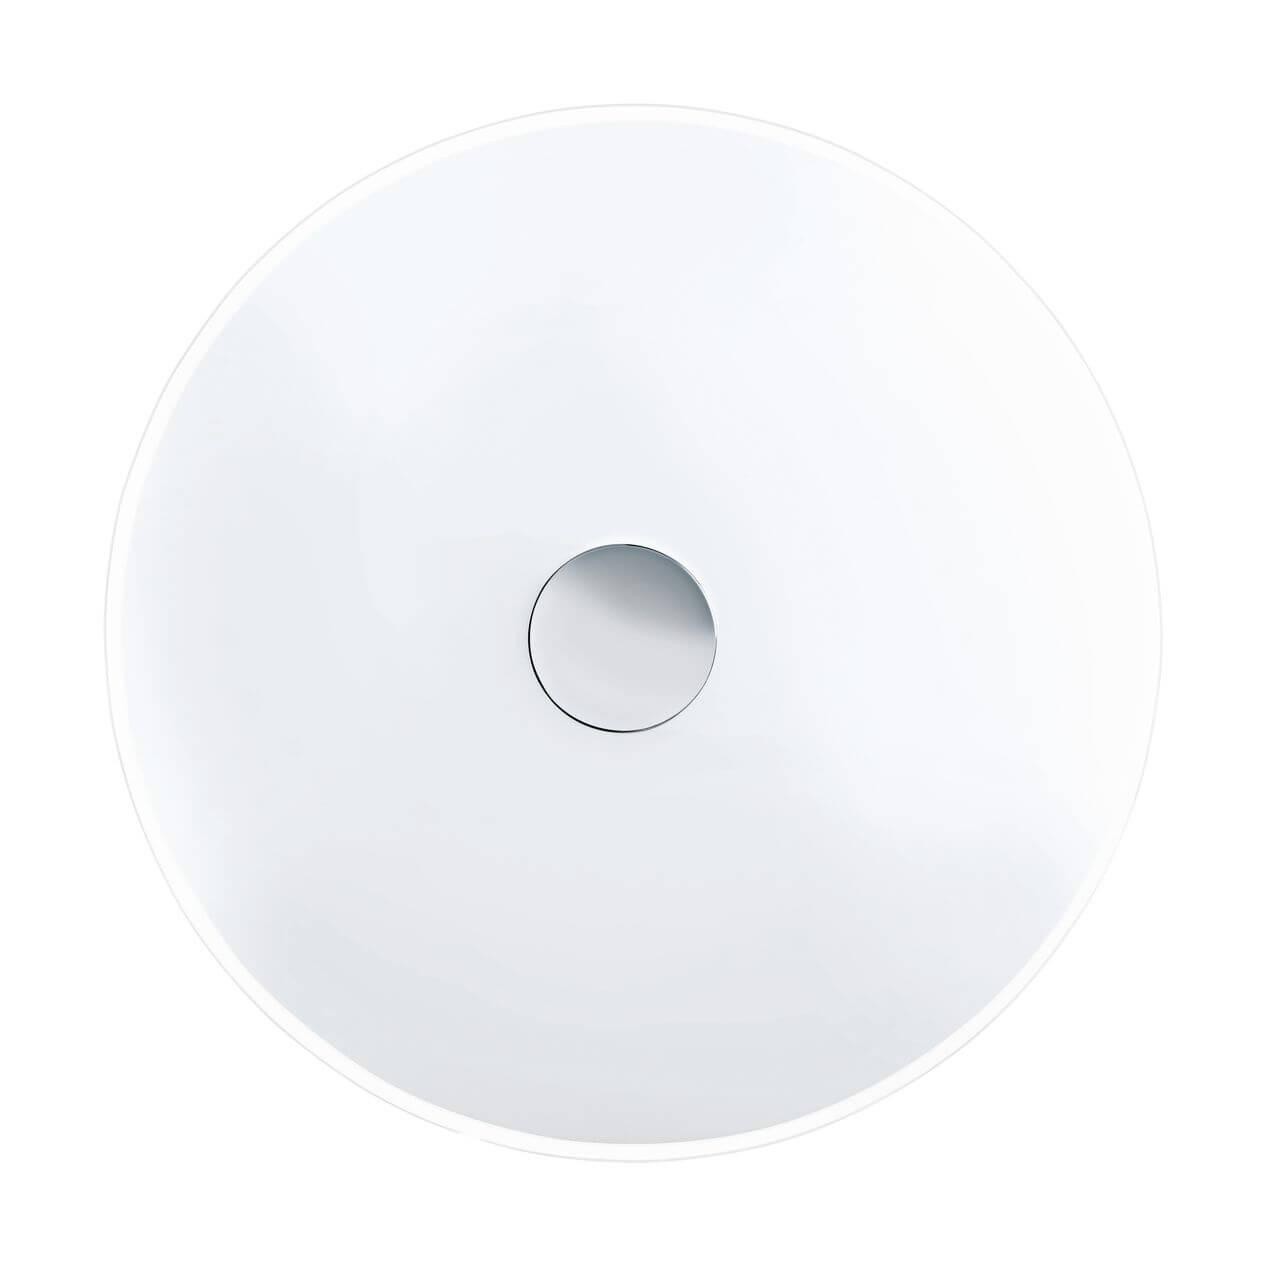 Настенно-потолочный светильник Eglo 91246, E27, 60 Вт цена